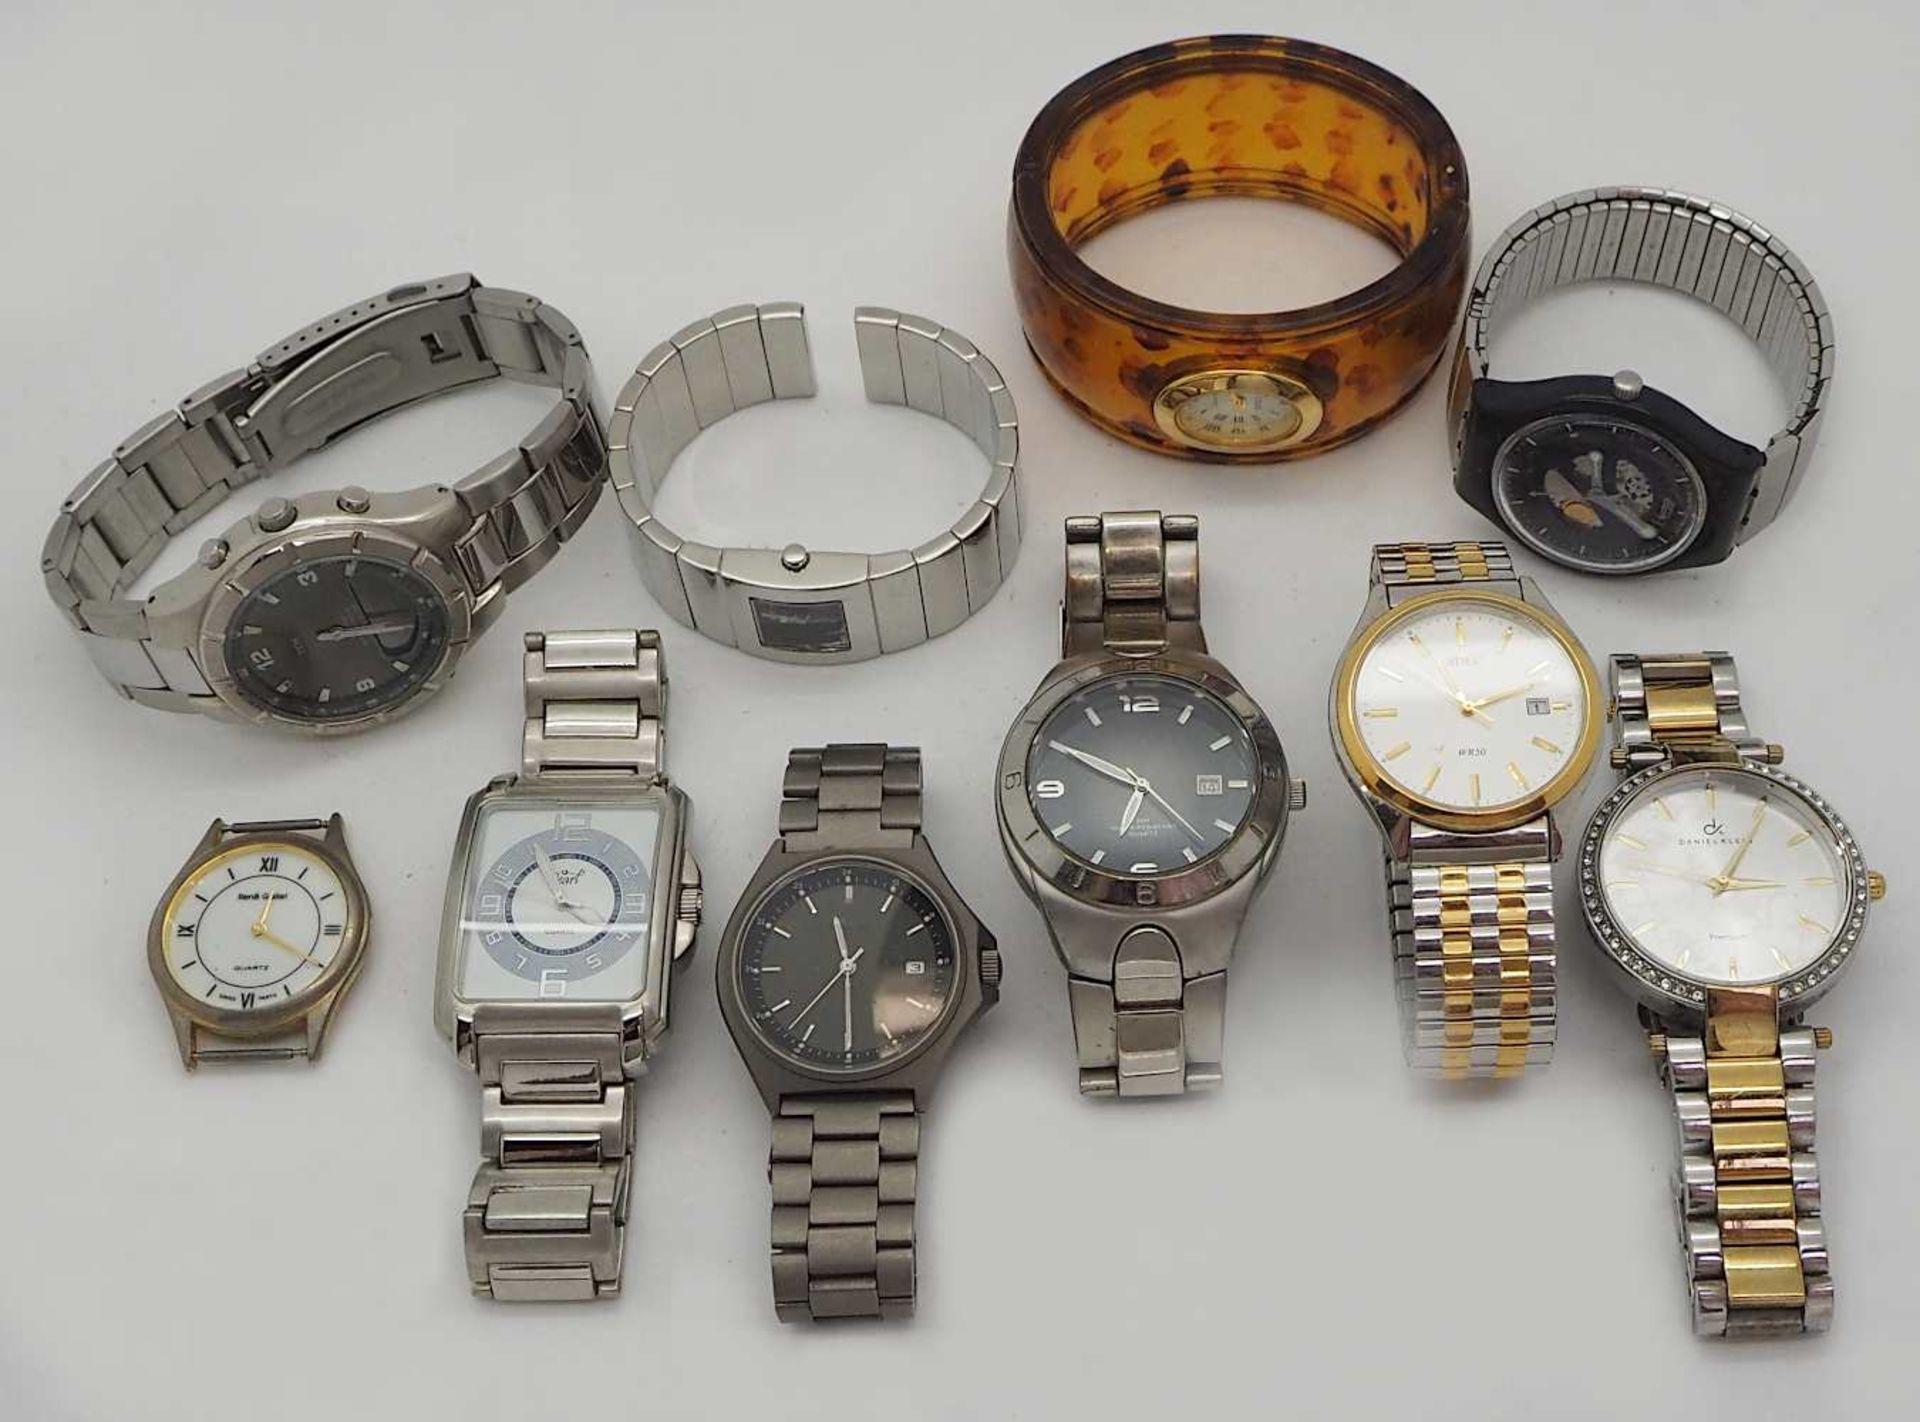 1 Konv. Armbanduhren Metall, Leder u.a. Asp./ Gsp. - Bild 3 aus 3